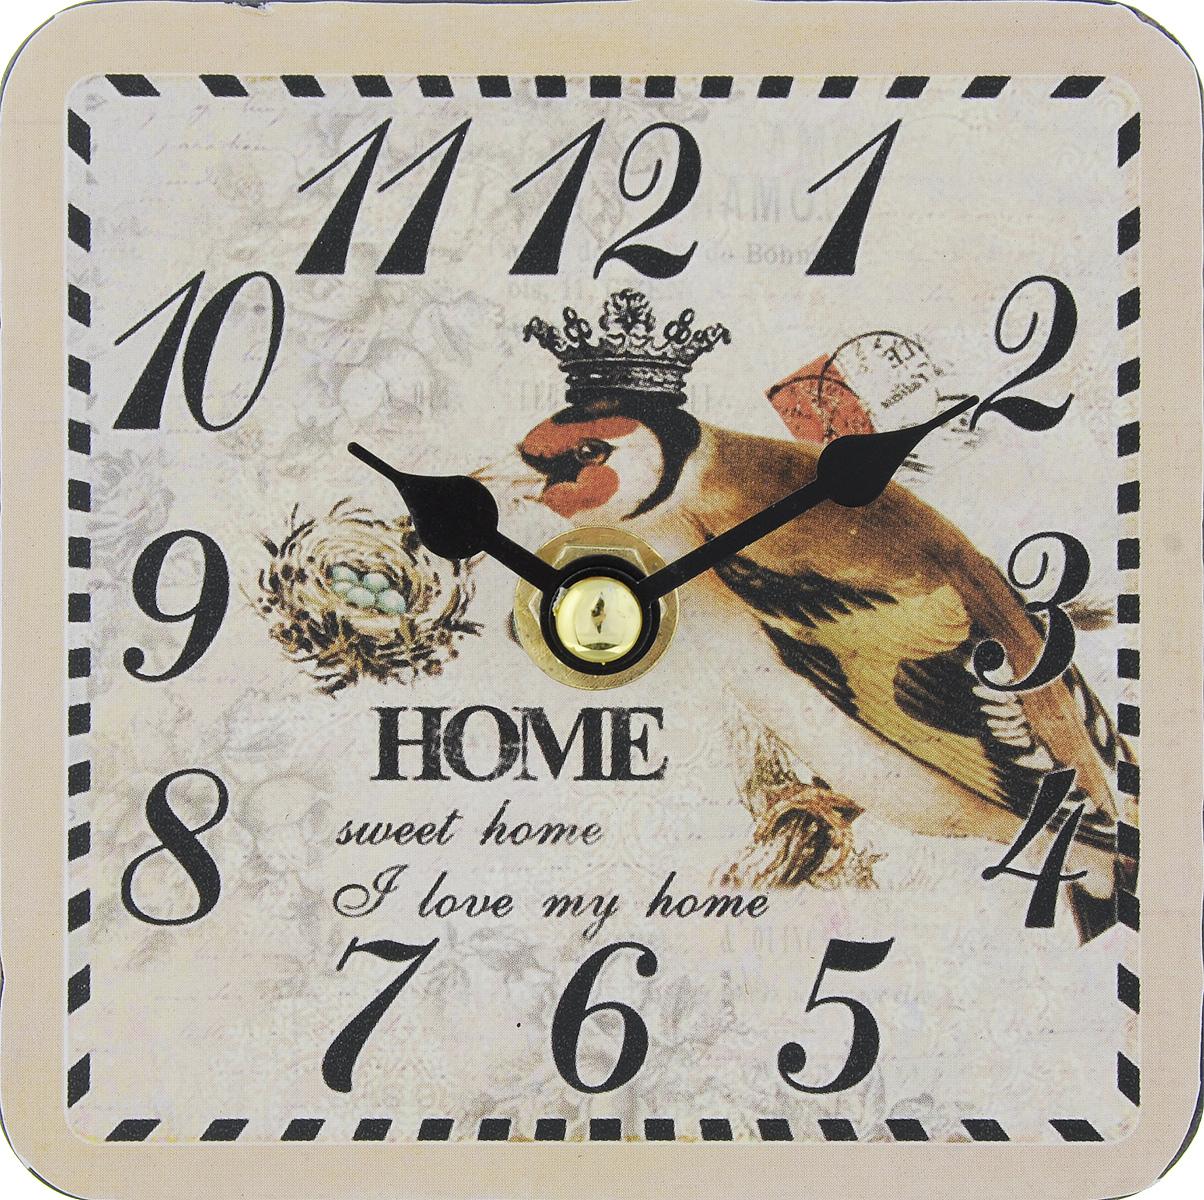 Часы настольные Феникс-Презент Король птиц, 10 х 10 см54 009303Настольные часы квадратной формы Феникс-Презент Король птиц своим эксклюзивным дизайном подчеркнут оригинальность интерьера вашего дома. Циферблат оформлен изображением птицы. Часы выполнены из МДФ. МДФ (мелкодисперсные фракции) представляет собой плиту из запрессованной вакуумным способом деревянной пыли и является наиболее экологически чистым материалом среди себе подобных. Часы имеют две стрелки - часовую и минутную.Настольные часы Феникс-Презент Король птиц подходят для кухни, гостиной, прихожей или дачи, а также могут стать отличным подарком для друзей и близких.ВНИМАНИЕ!!! Часы работают от сменной батареи типа АА 1,5V (в комплект не входит).